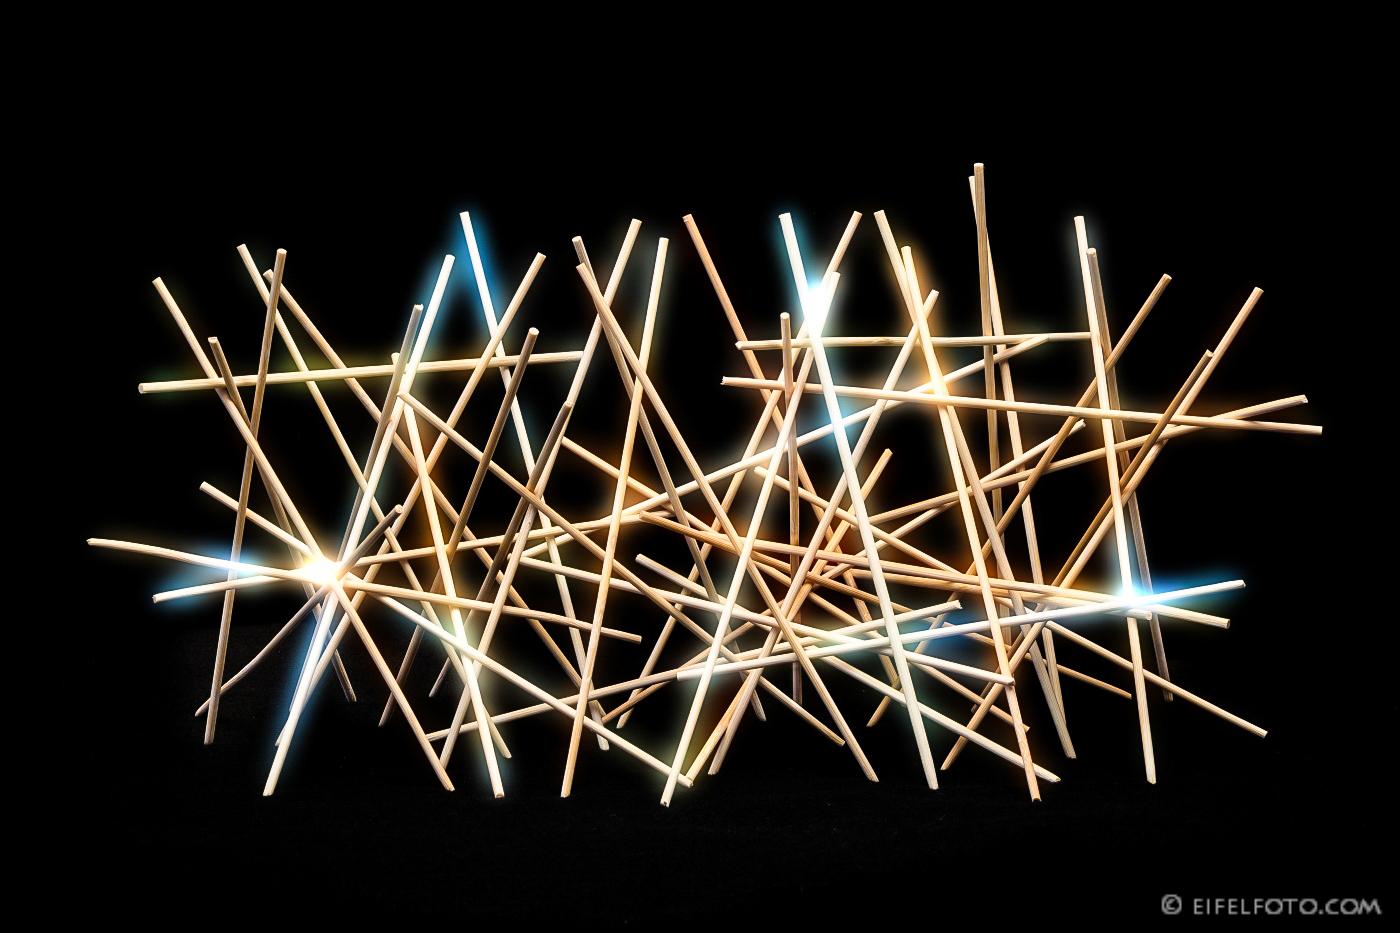 Lichtspiele - LZB mit Holz & Licht